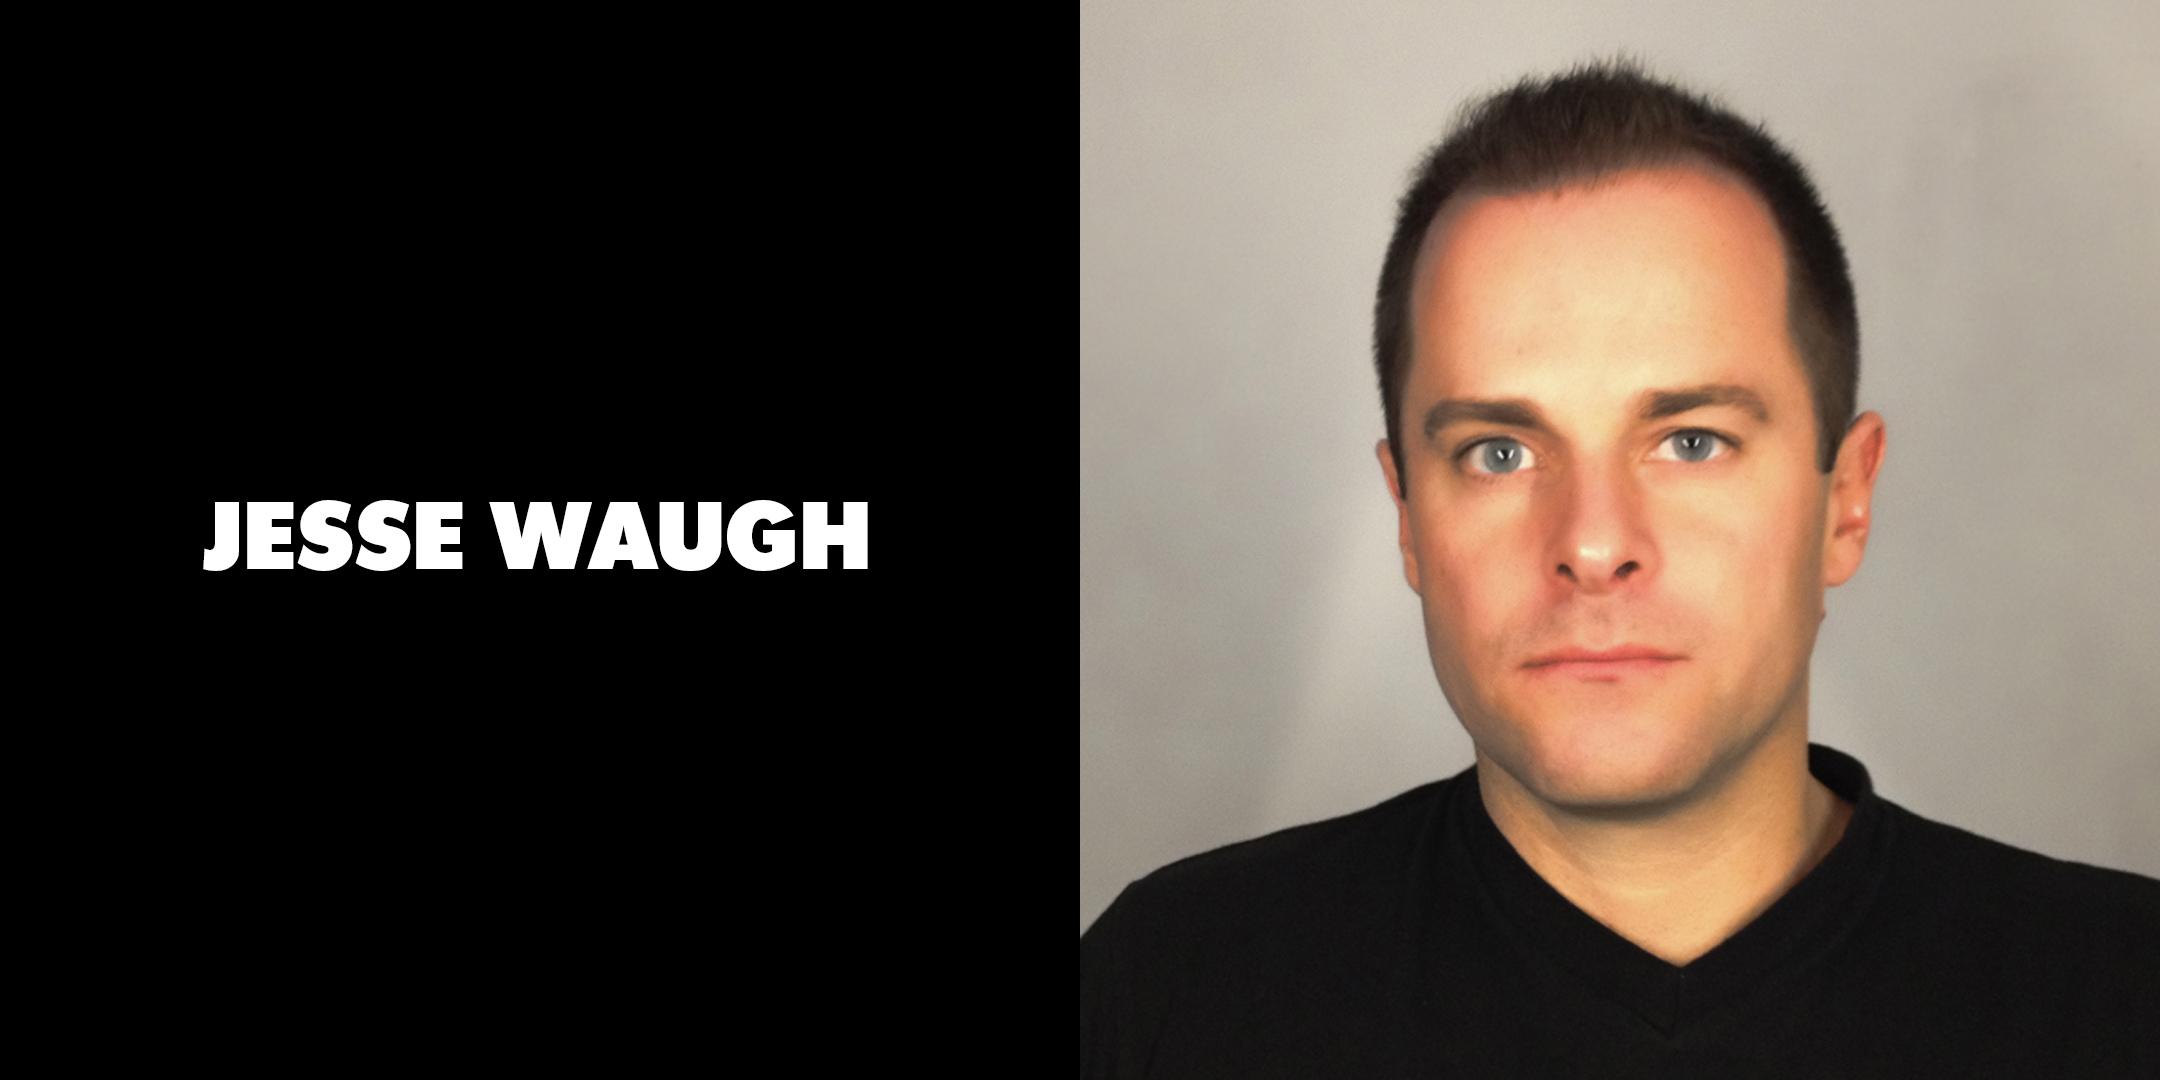 Jesse-Waugh-GP.jpg